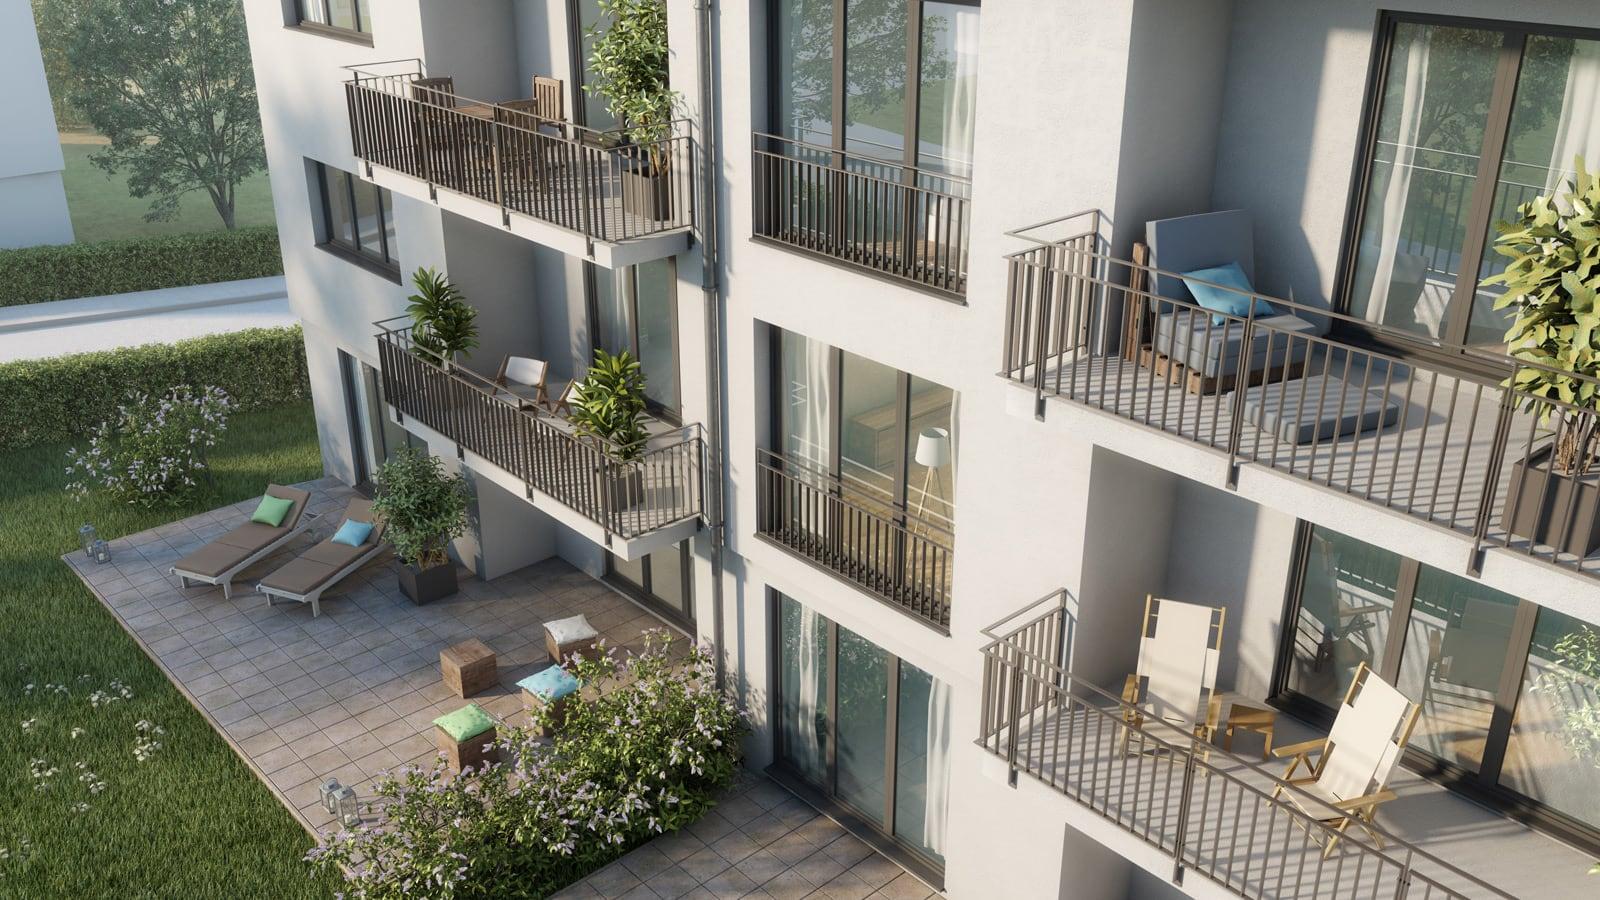 Immobilie Haeckerstraße 12: nutzbare Balkone